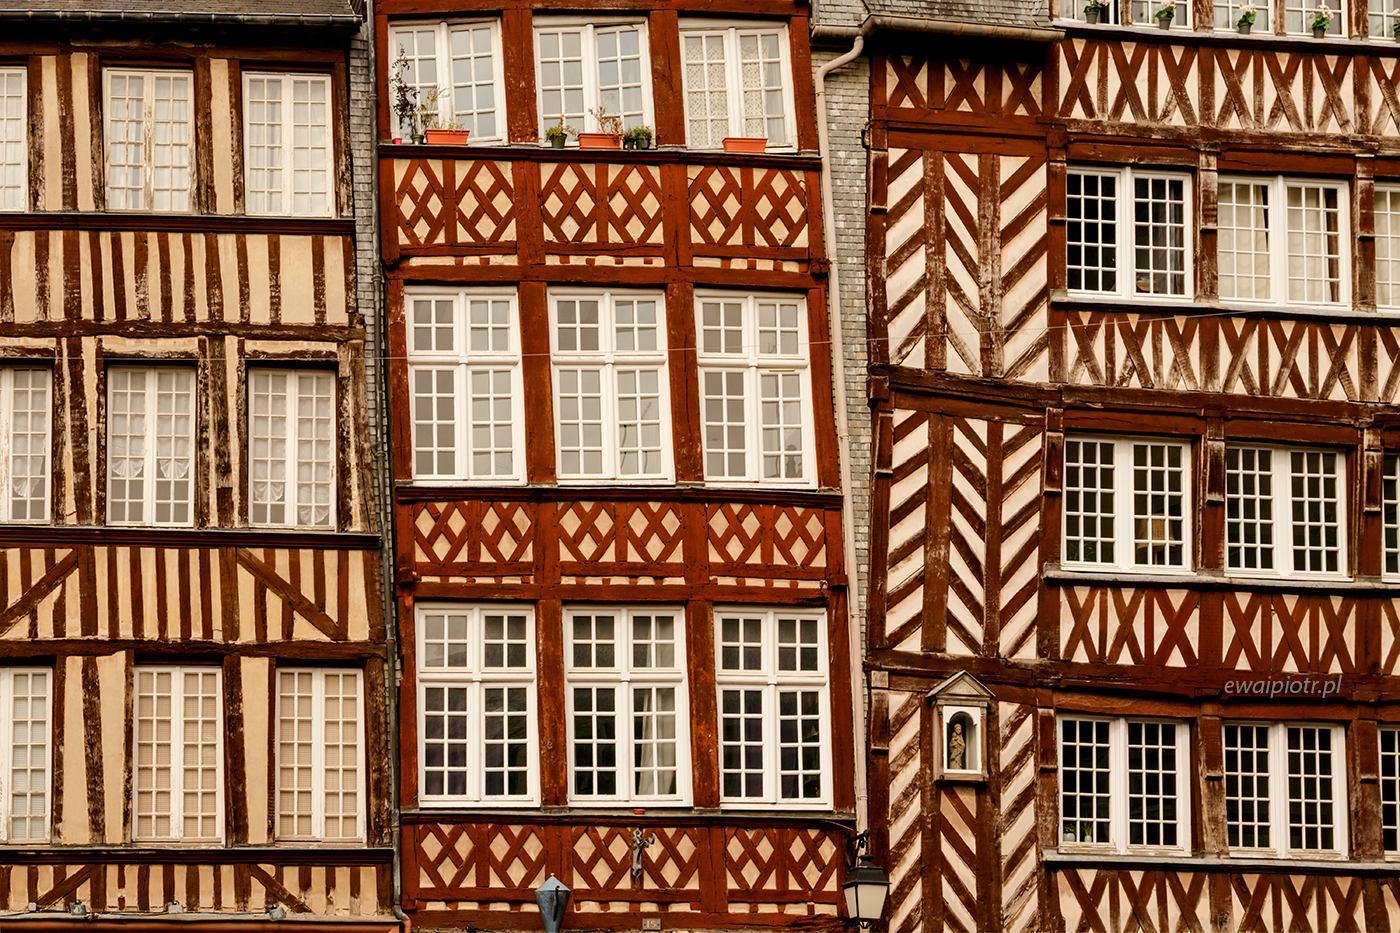 Kamieniczki w Rennes, Bretania, wyprawa fotograficzna